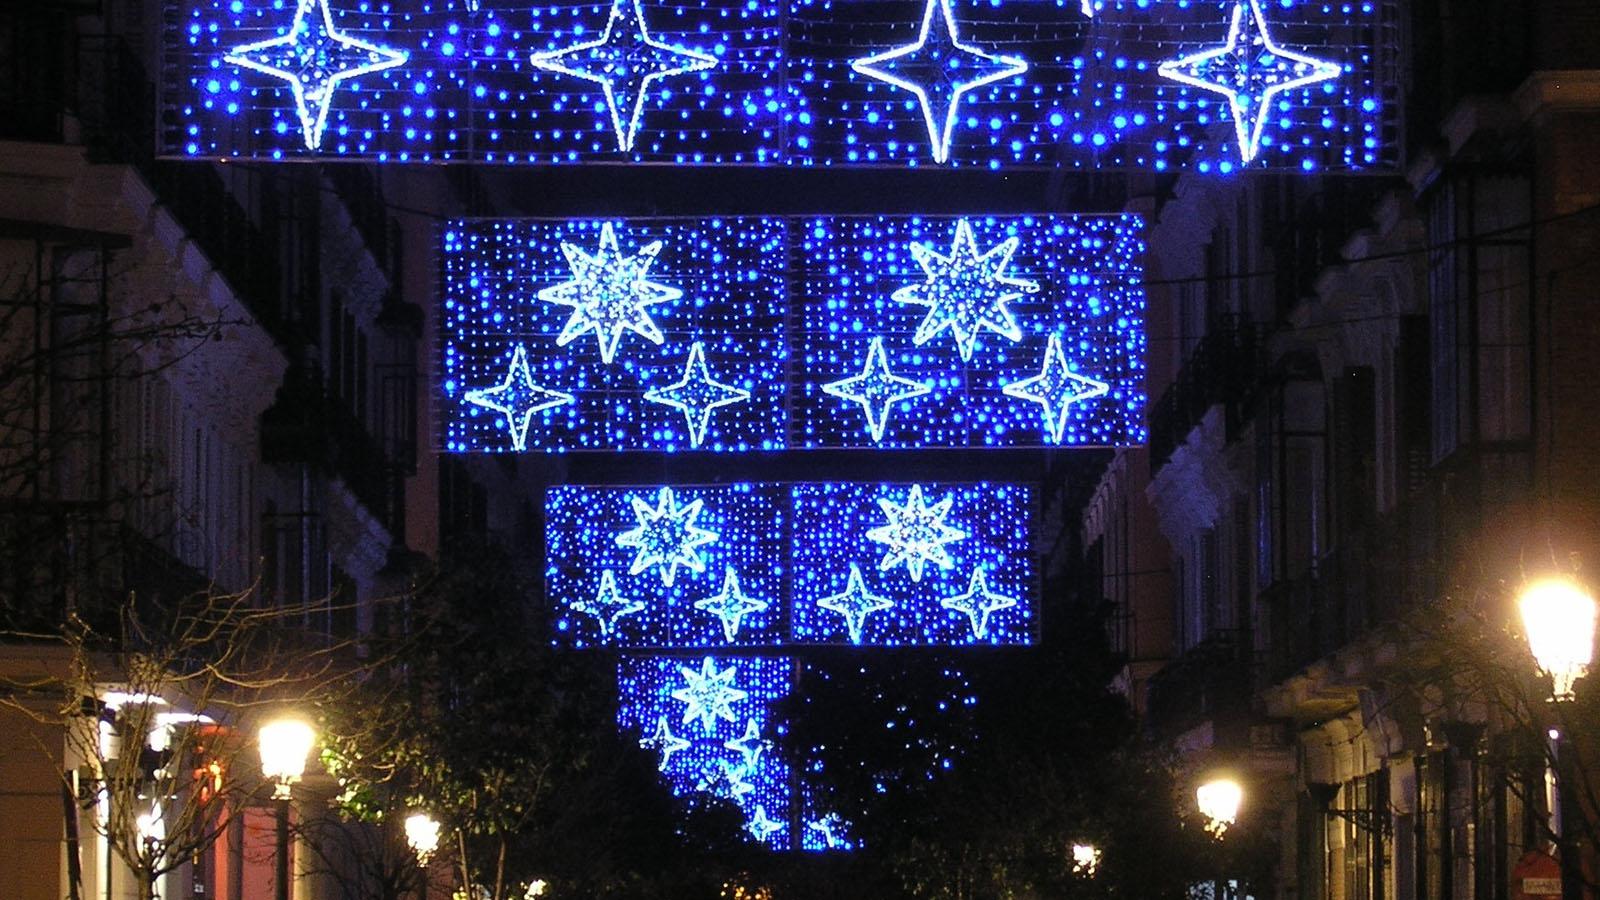 Luces de Navidad en el Barrio de las Letras de Madrid